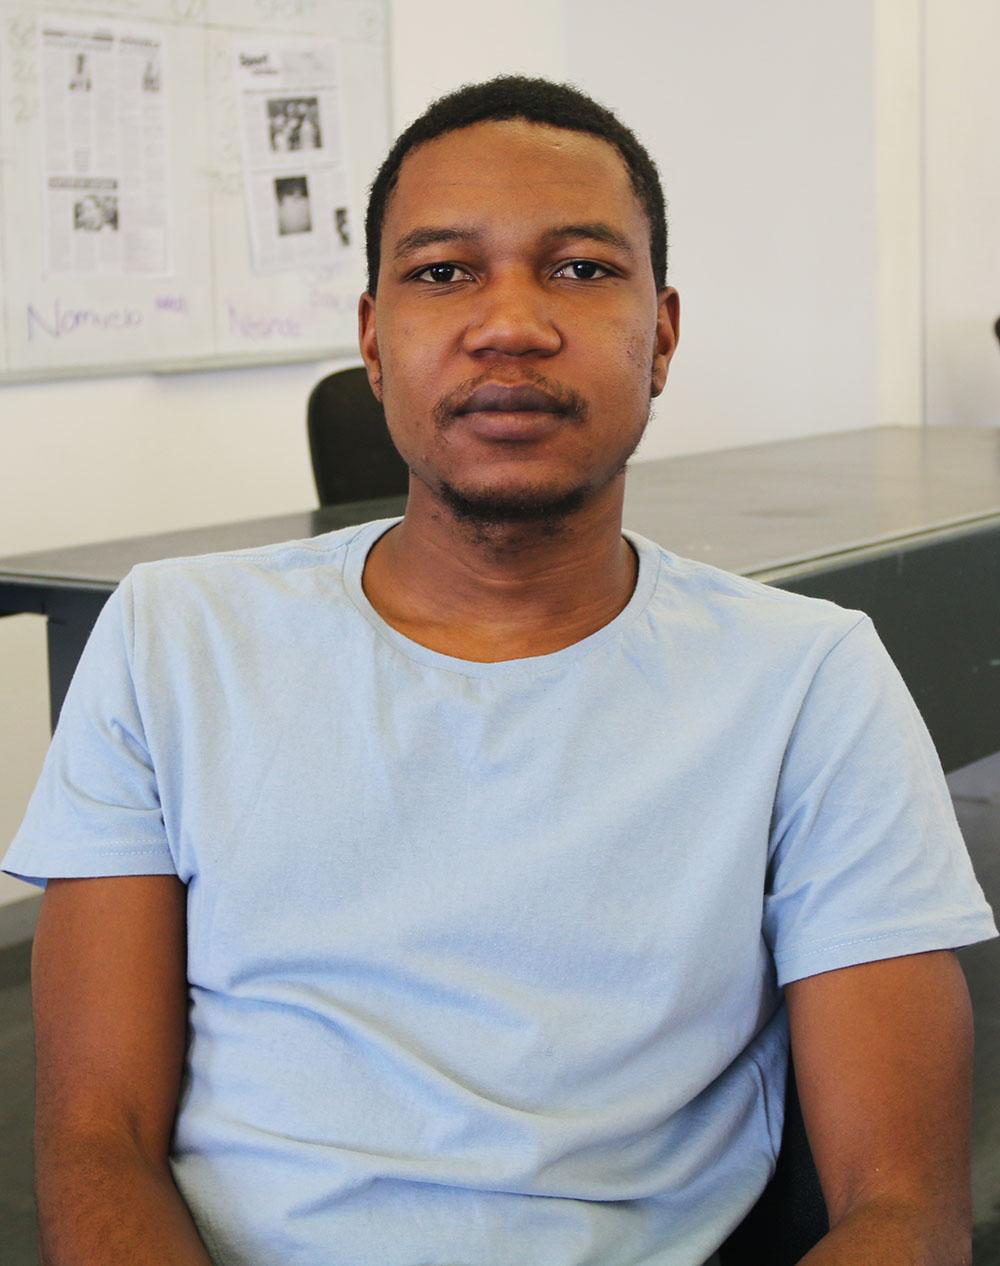 TSHEGO MOKABUDI